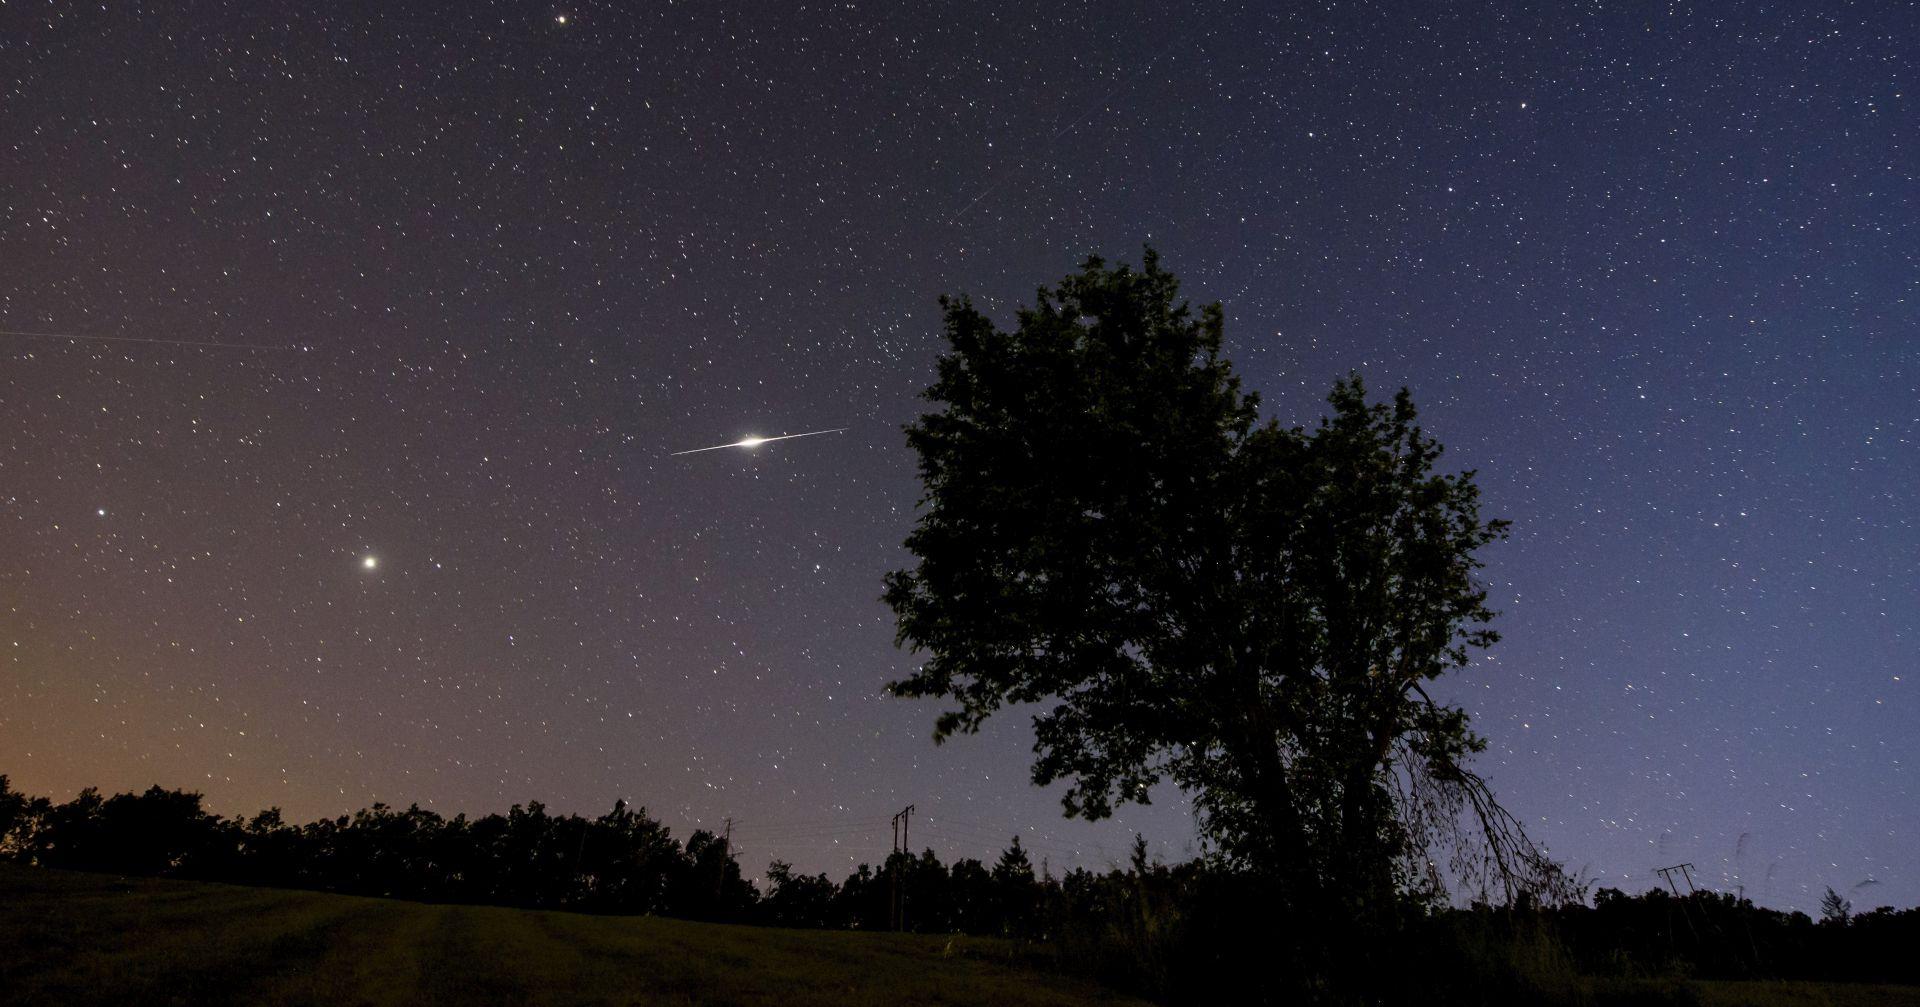 Bugarska lansirala svoj prvi satelit